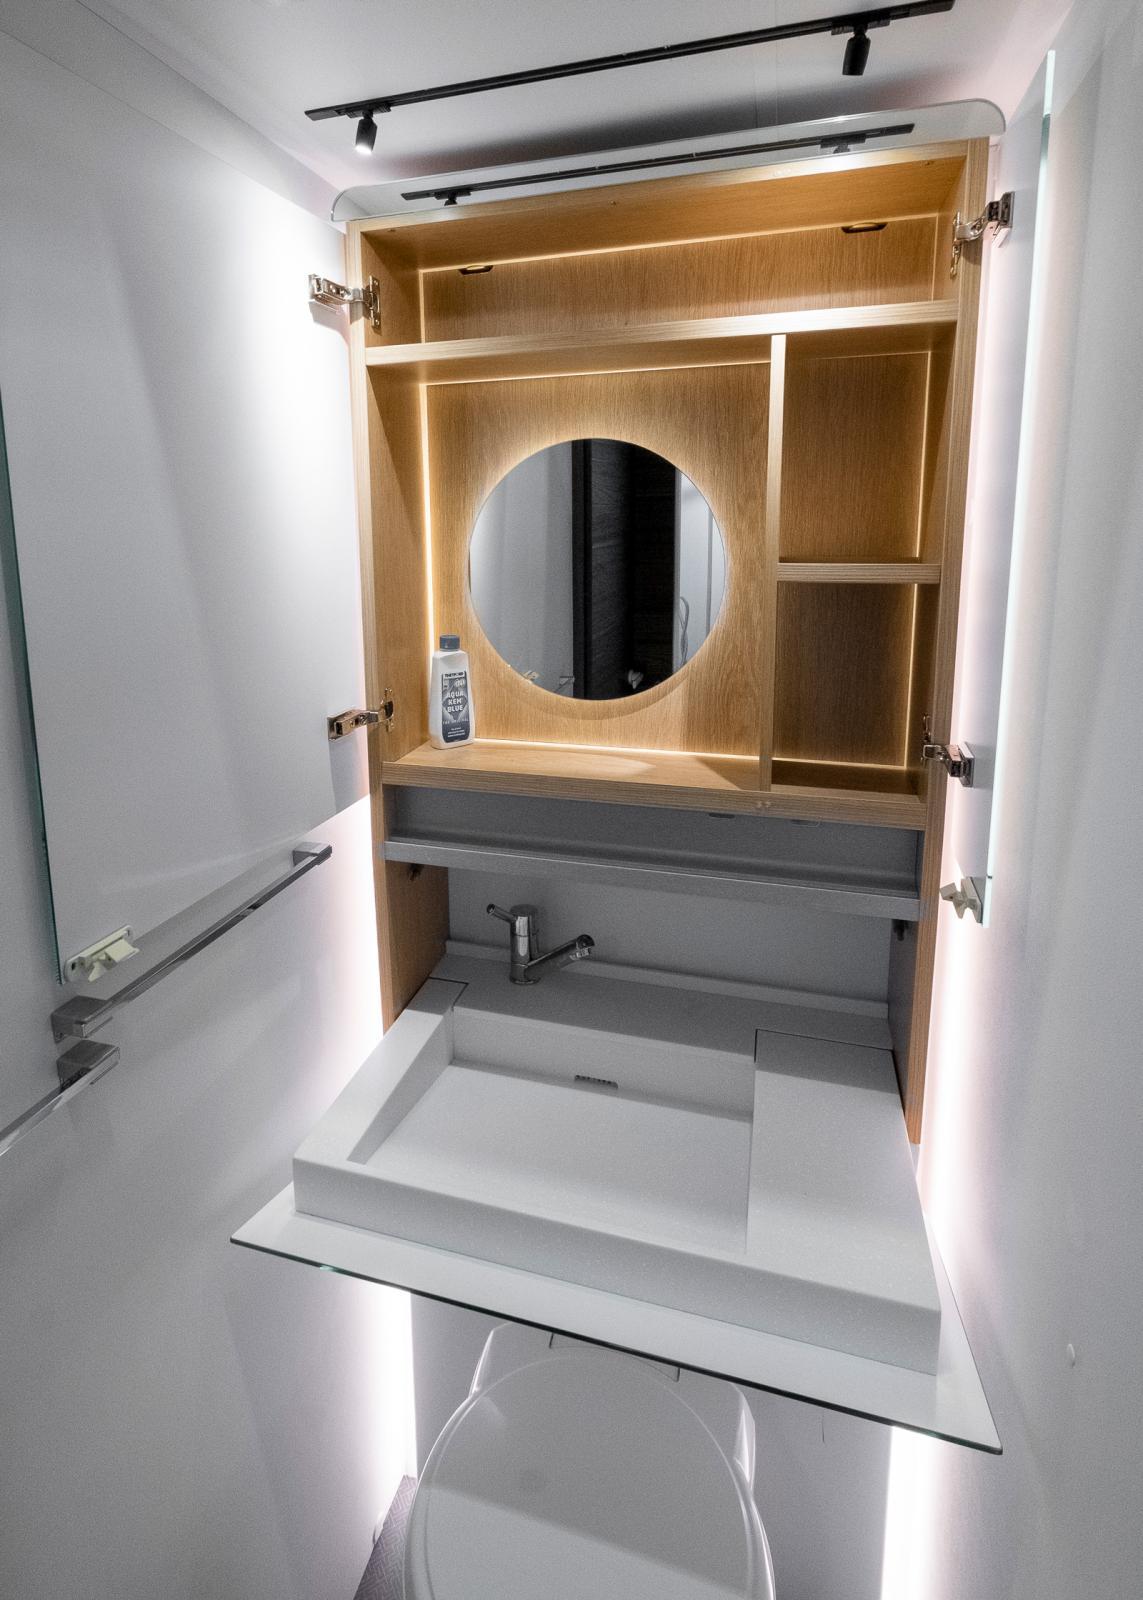 Indirekt belysning, gott om förvaring och nedfällbart handfat gör badrummet både snyggt och praktiskt.